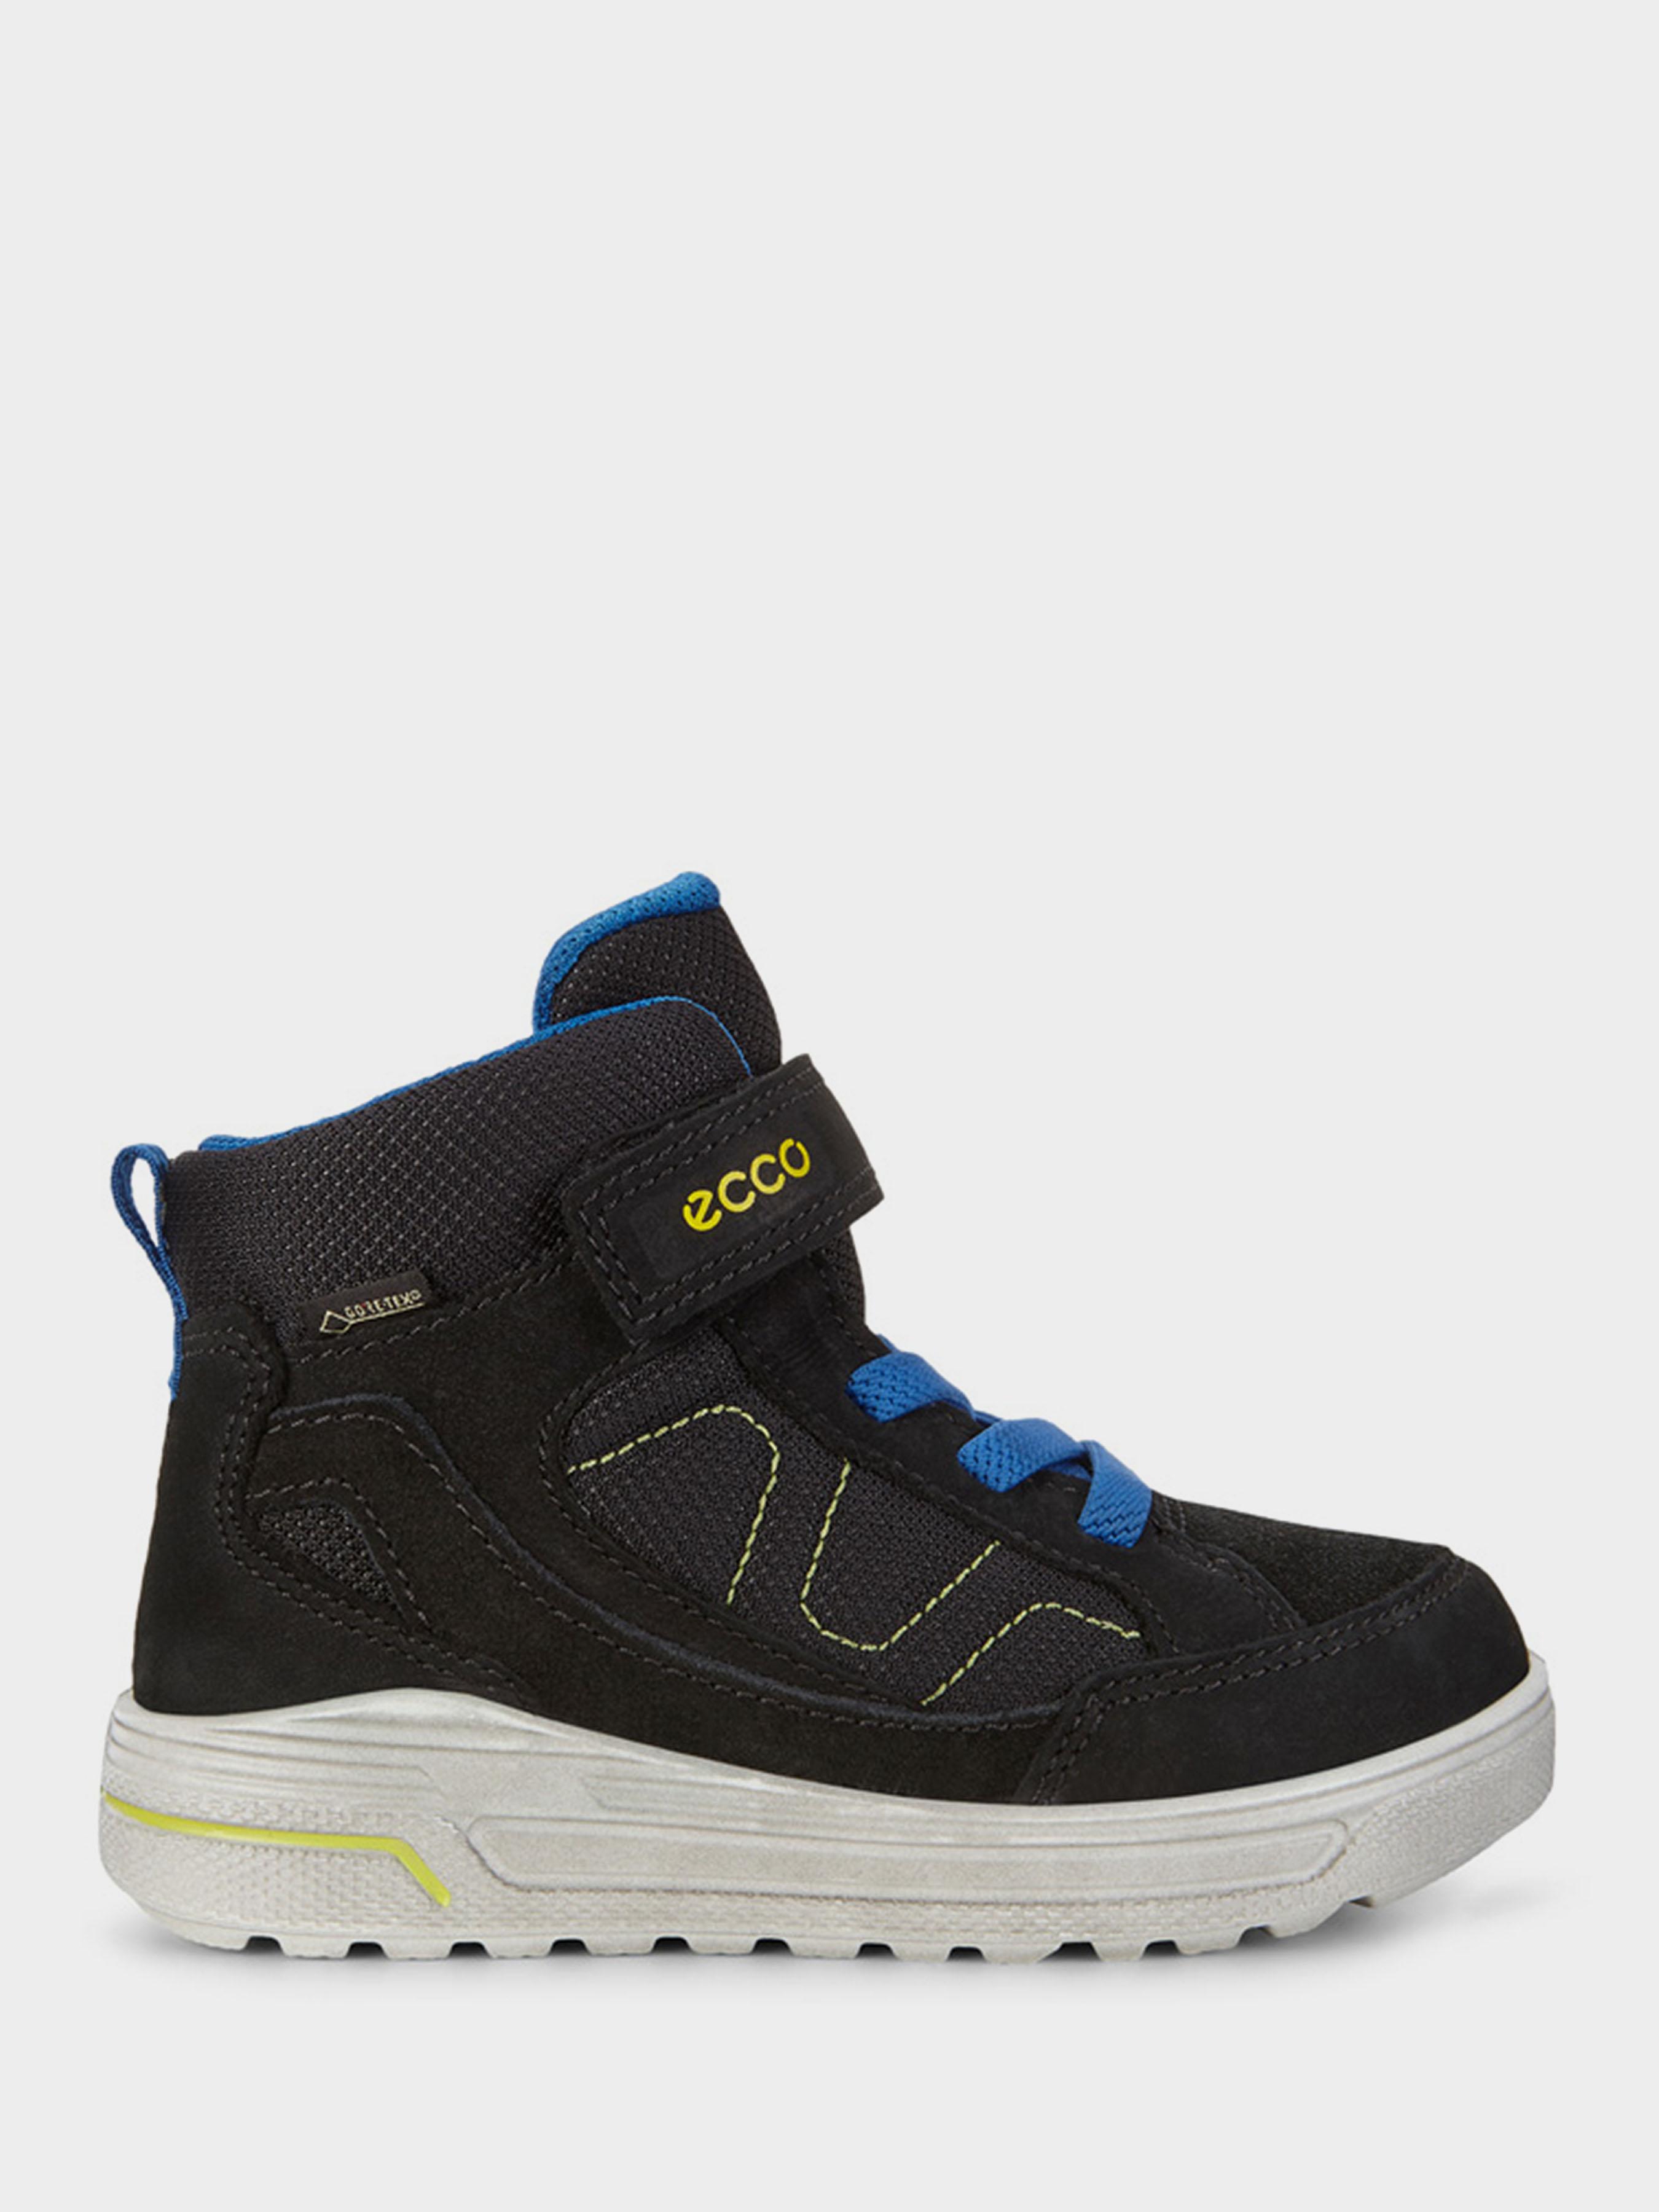 Купить Ботинки для детей ECCO URBAN SNOWBOARDER ZK3275, Черный